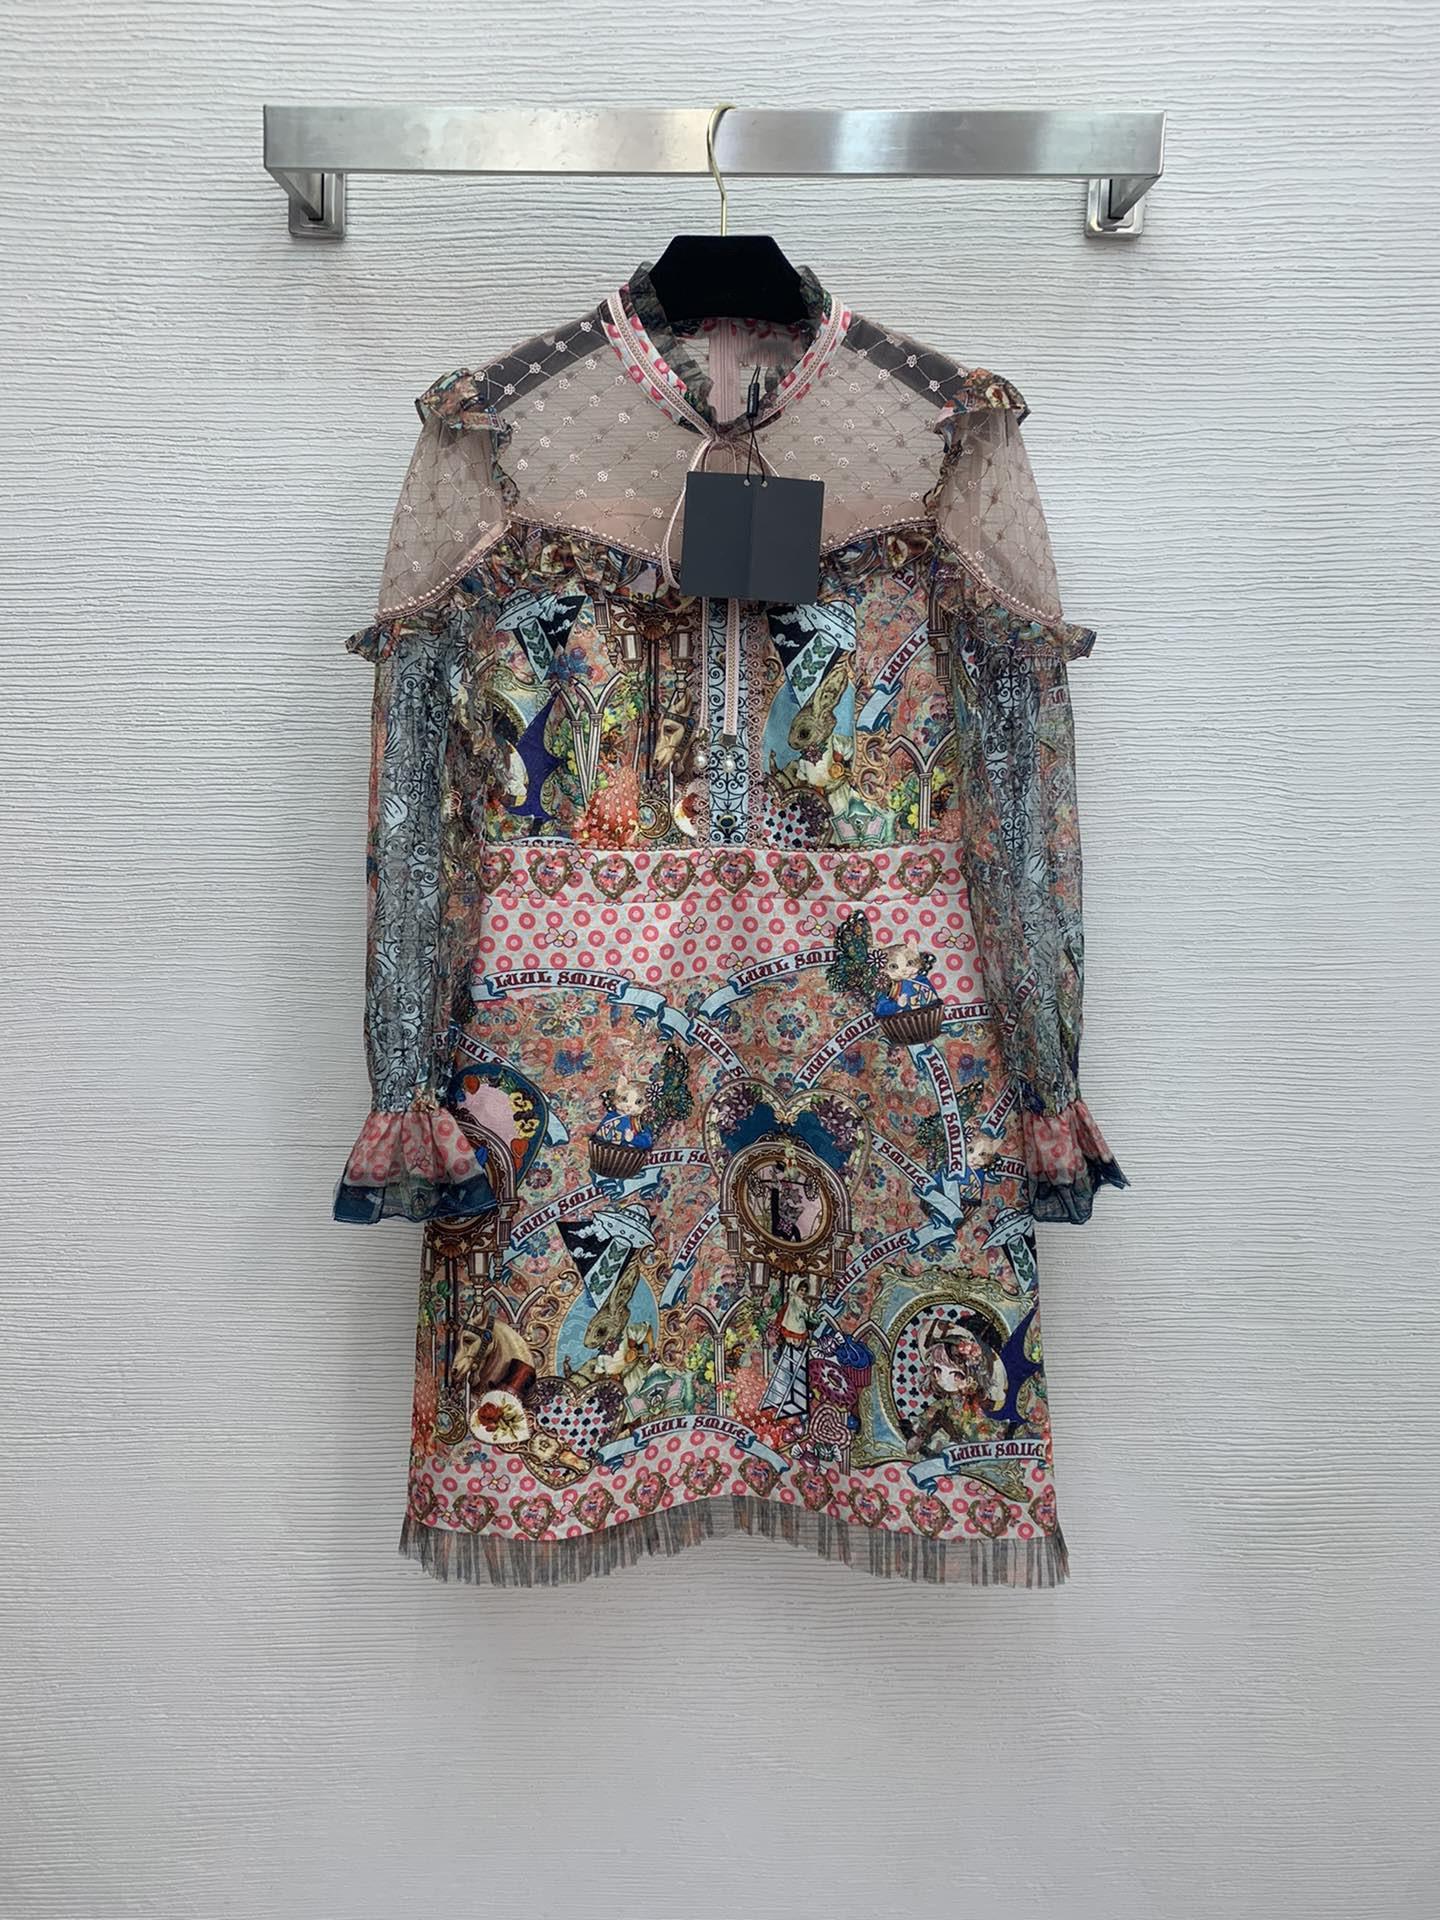 Milan pist elbise 2021 yeni standı yaka uzun kollu kadın tasarımcı elbise markası aynı stil elbise 0306-68